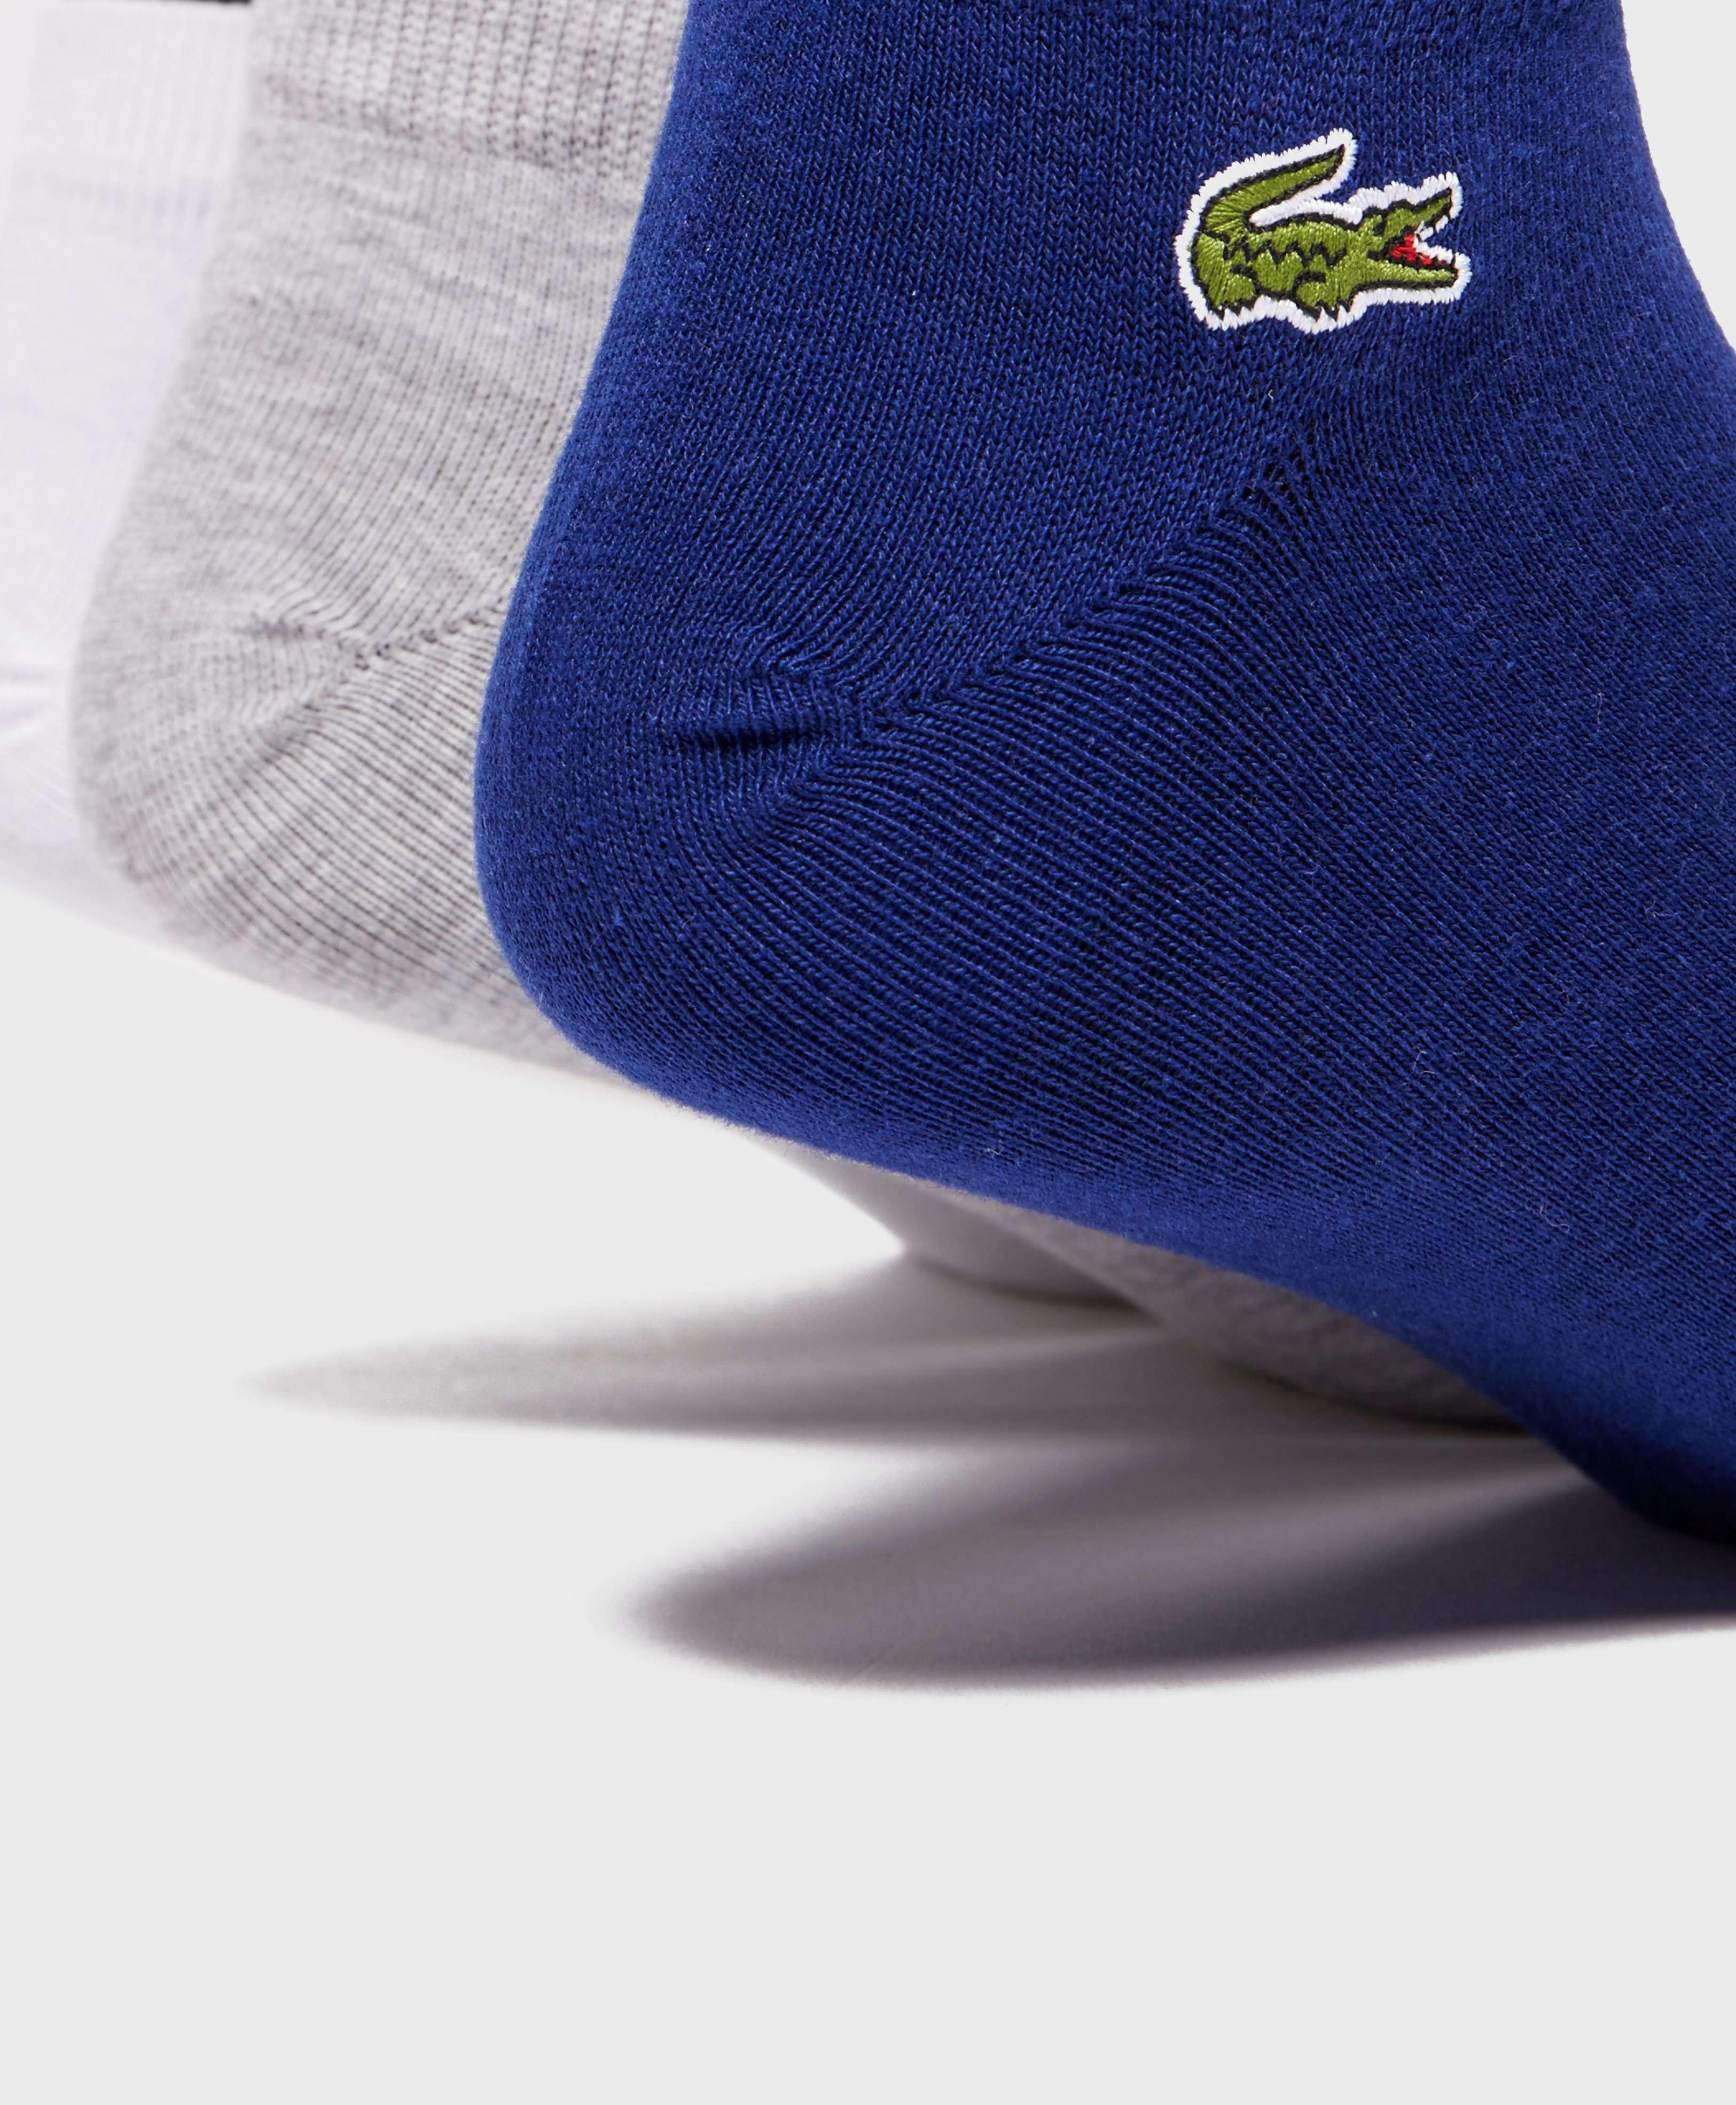 Lacoste 3-Pack Trainer Socks